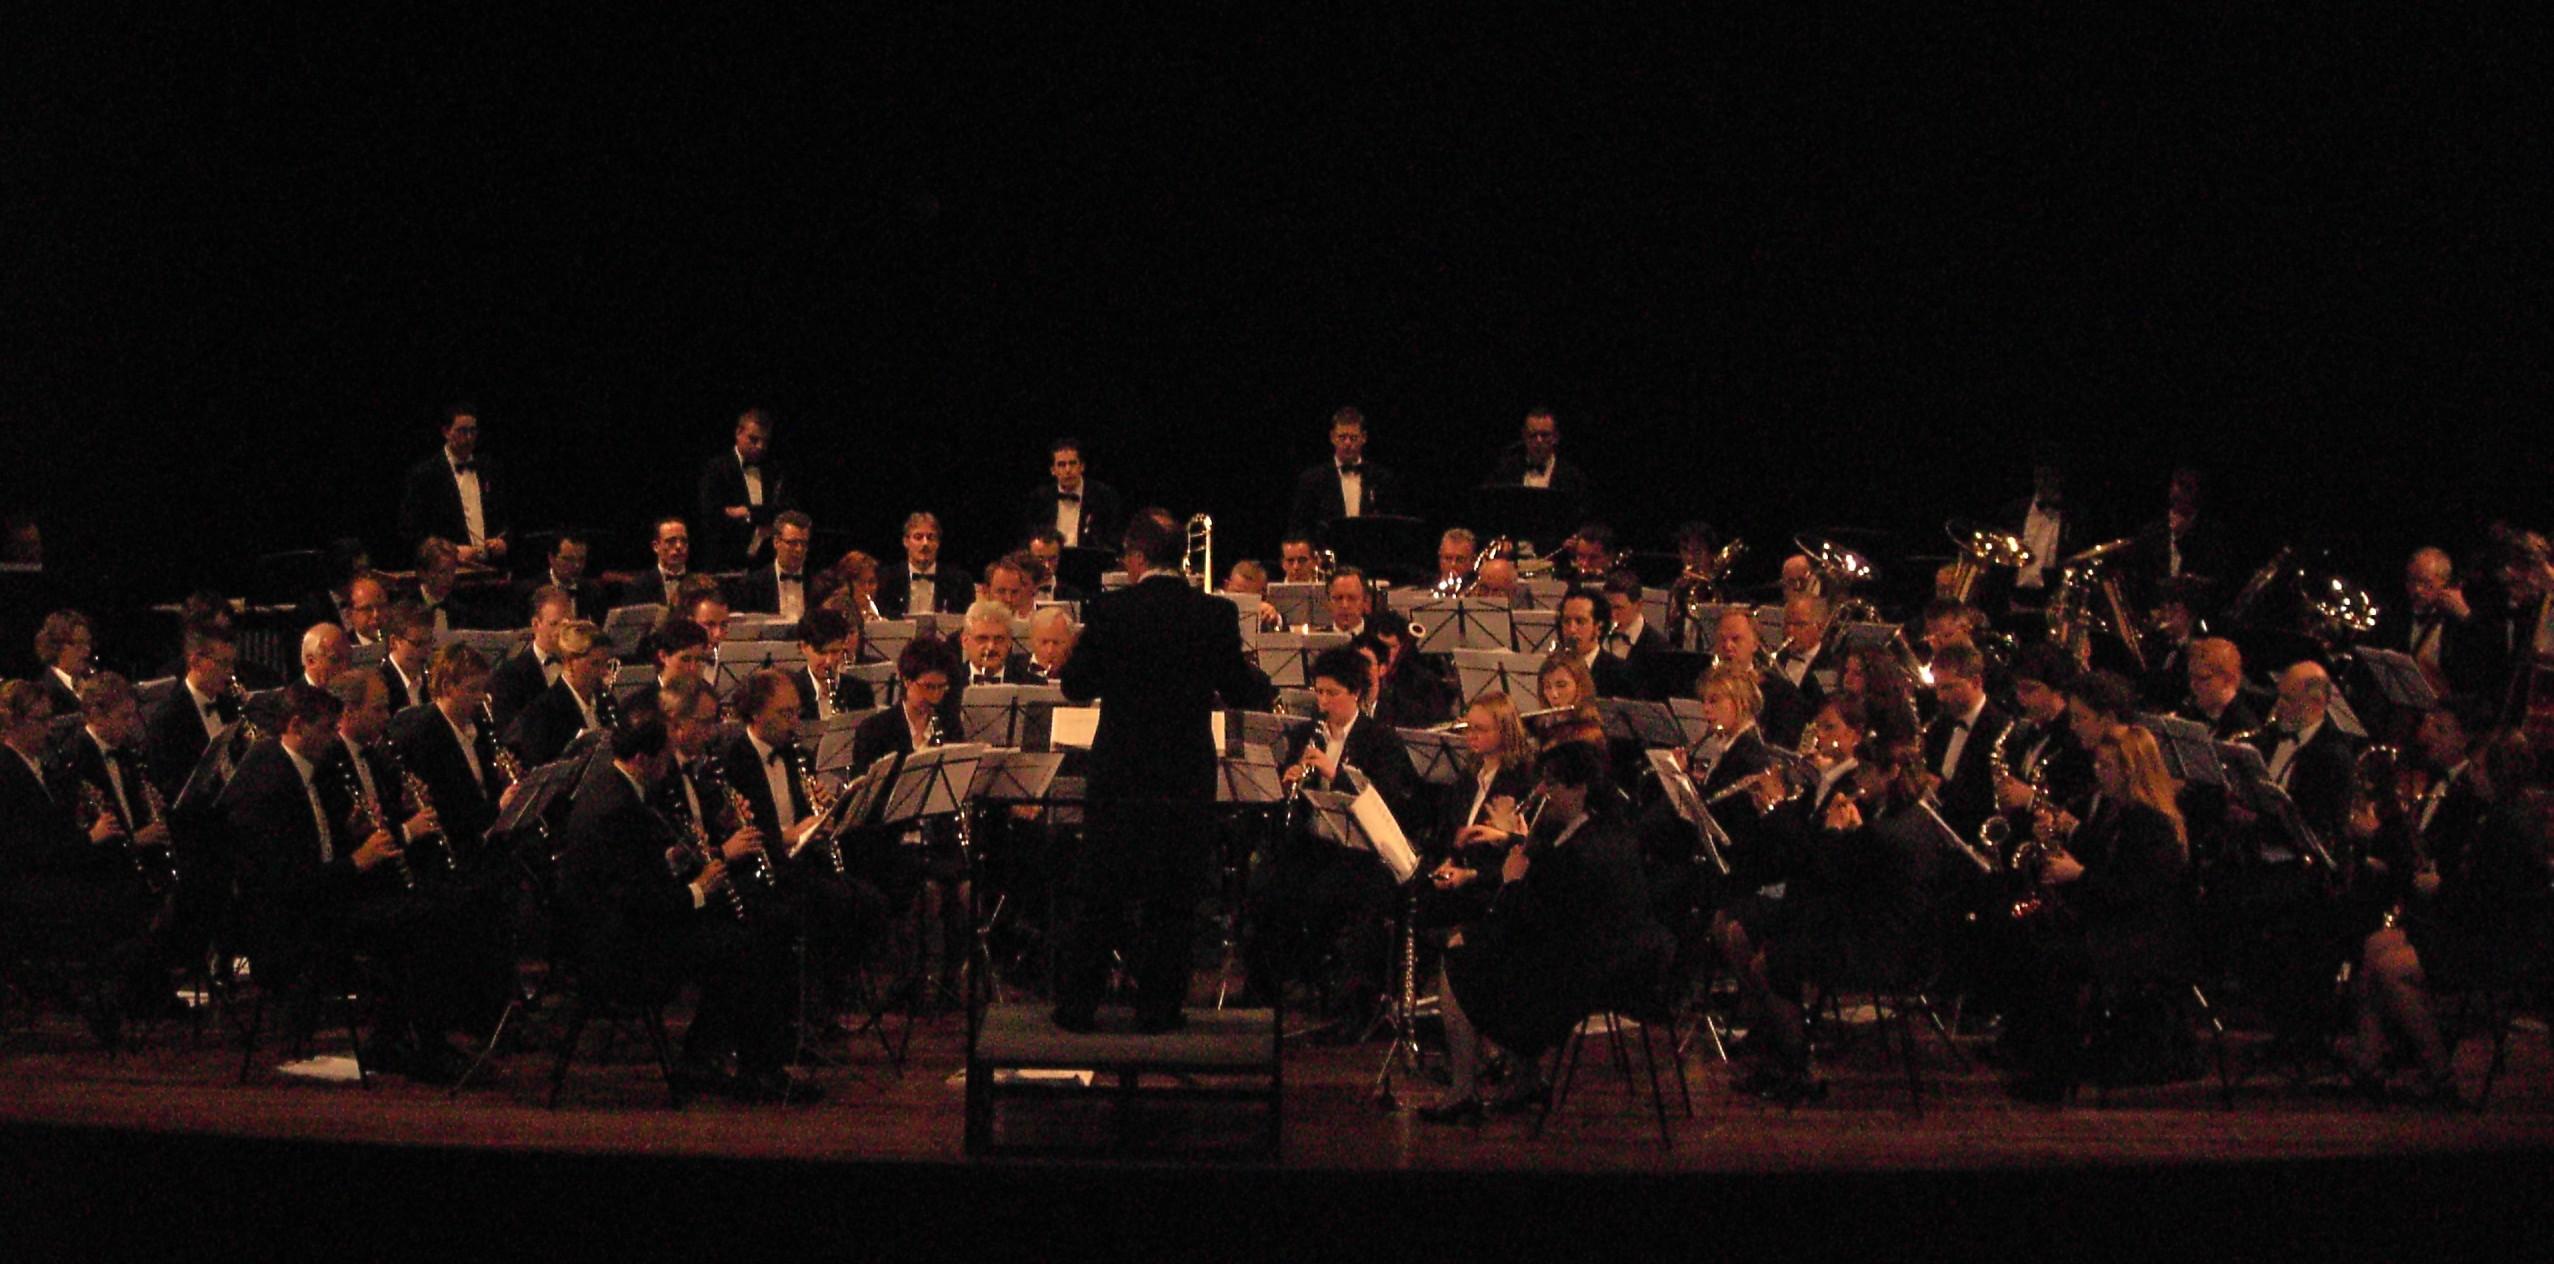 Koninklijke_Harmonie_van_Thorn_20080501.JPG